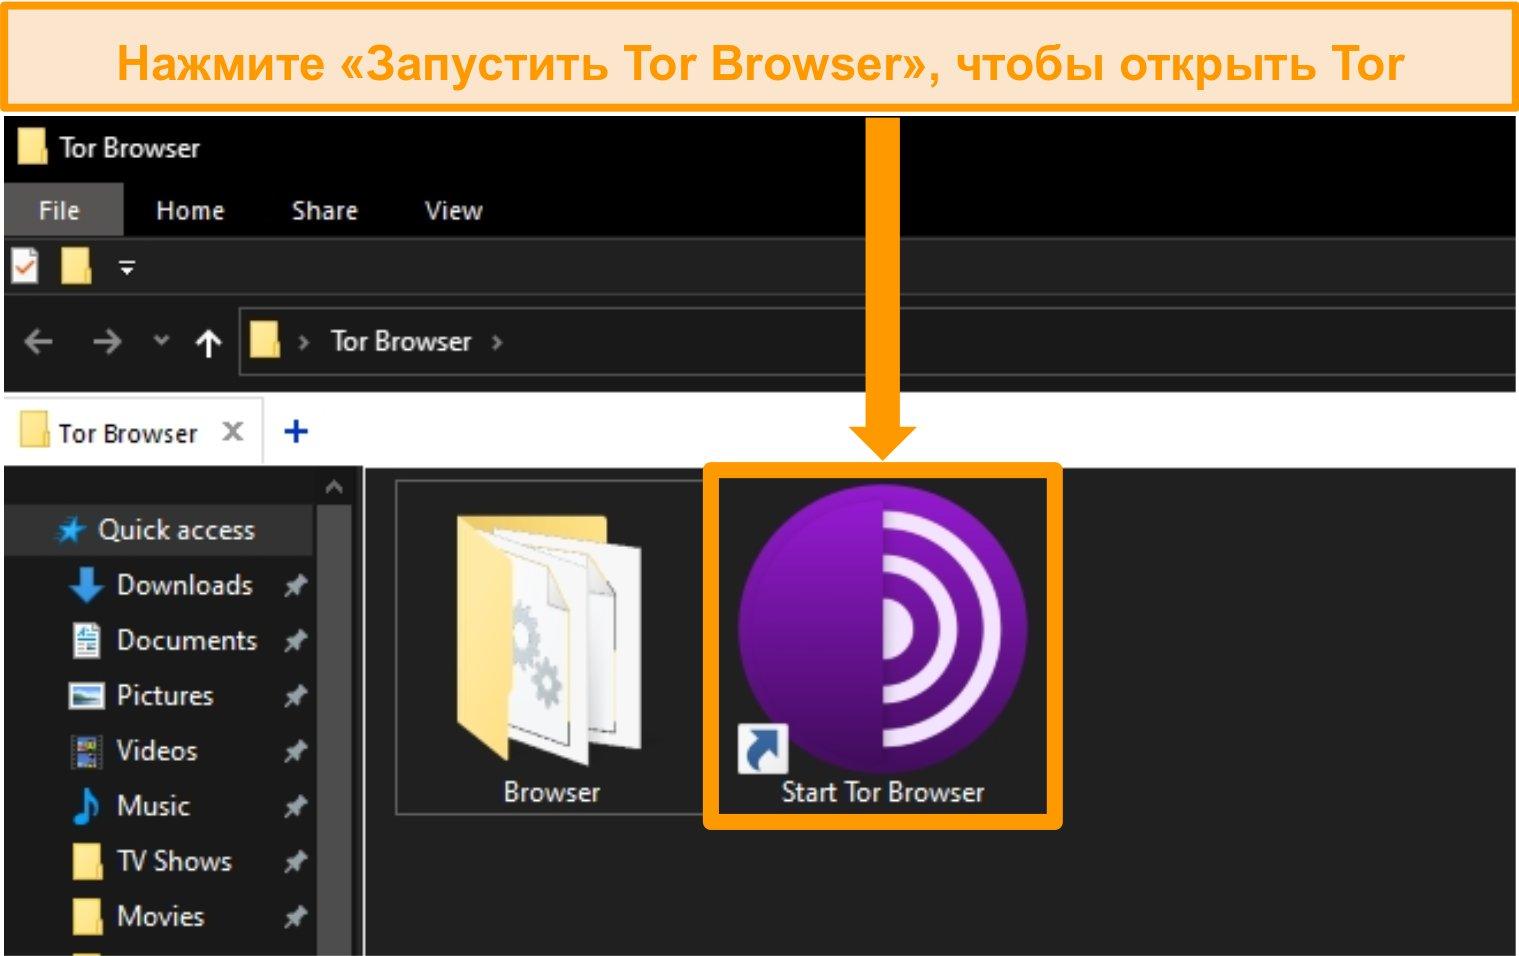 Снимок экрана ярлыка Tor Browser после установки в Windows 10